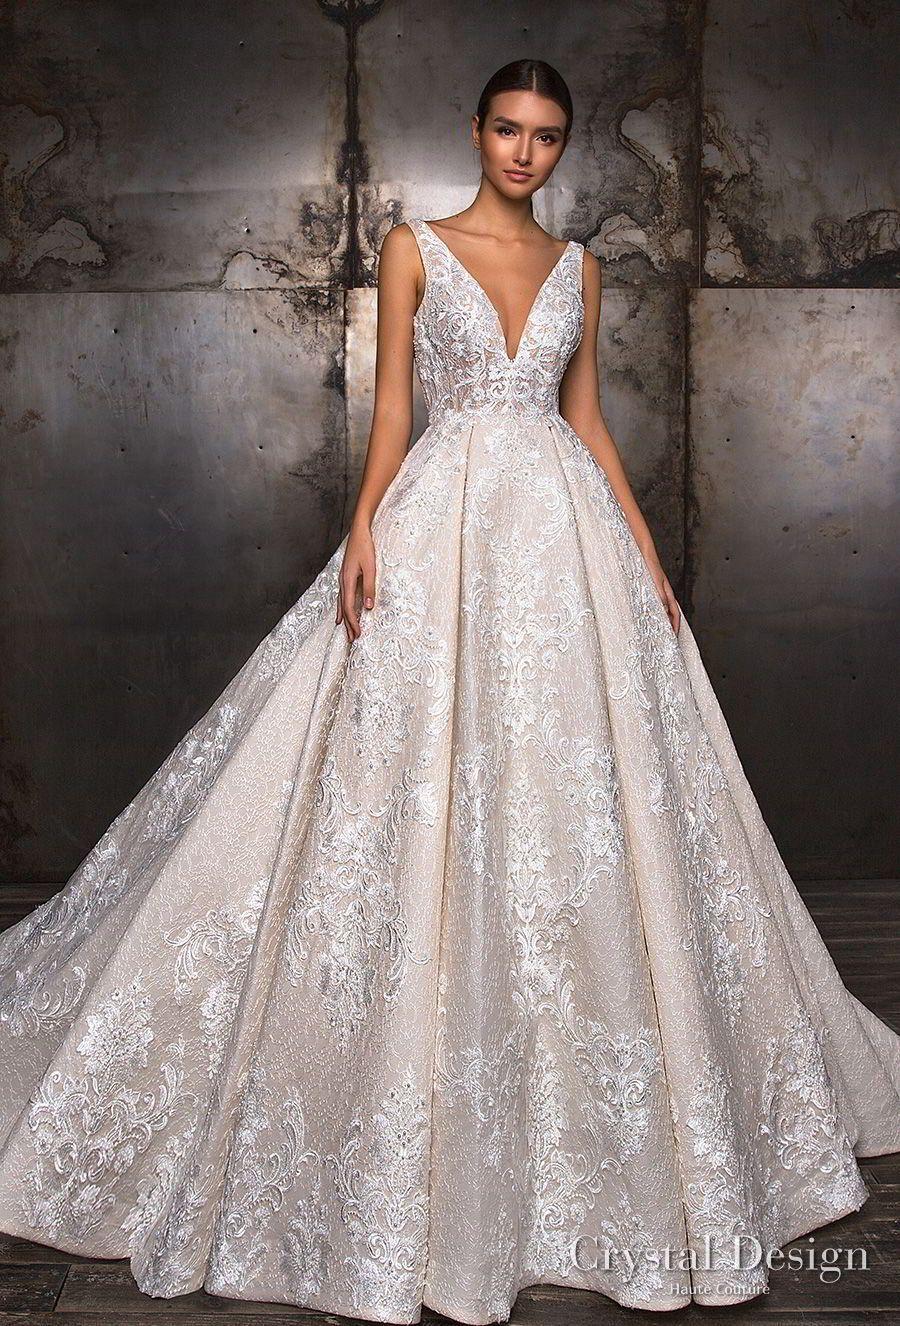 Crystal design sleeveless deep v neck full embellishment